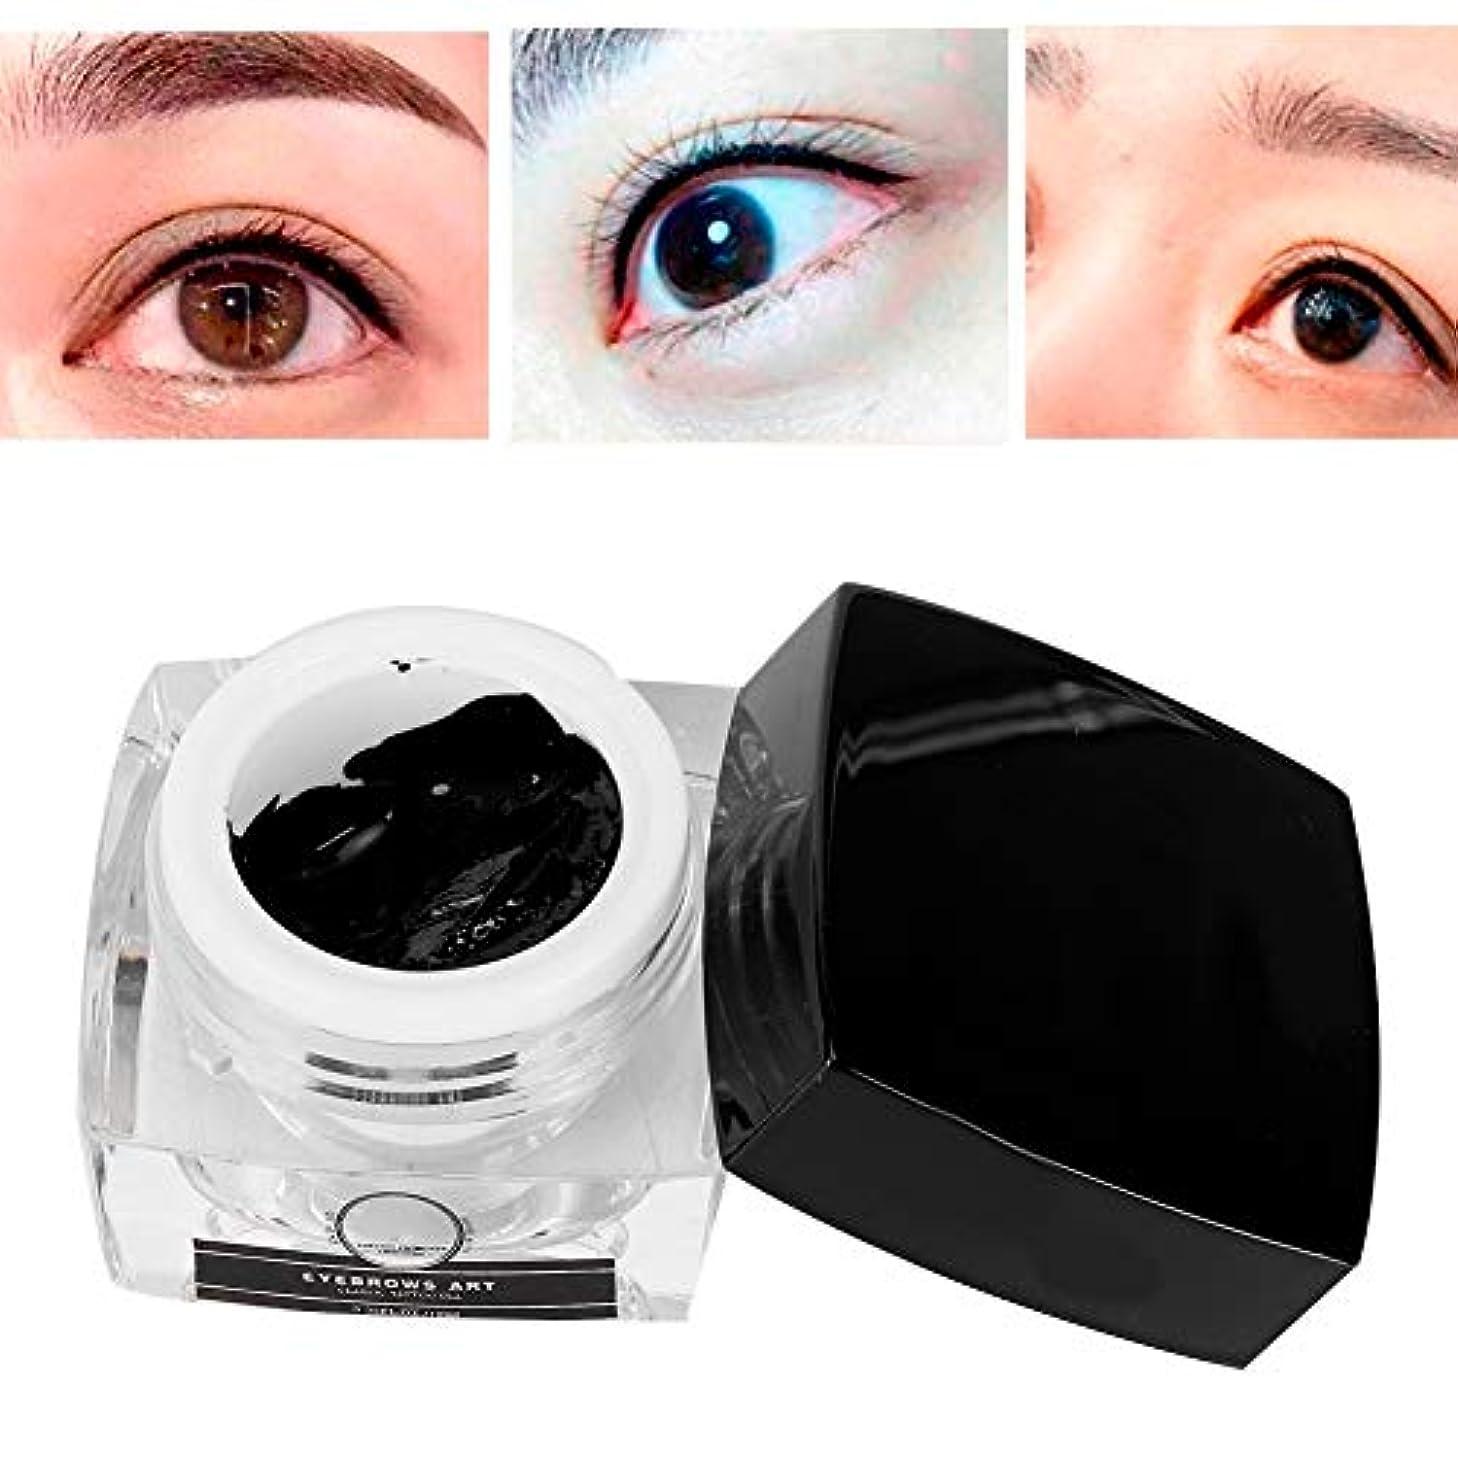 デンマーク控えめな急性眉毛の入れ墨インク、自然な入れ墨の顔料Microbladingの顔料の半永久的な唇の眉毛のタトゥーの長続きがするインククリームの眉毛の唇のアイラインの永久的な構造(ブラック)